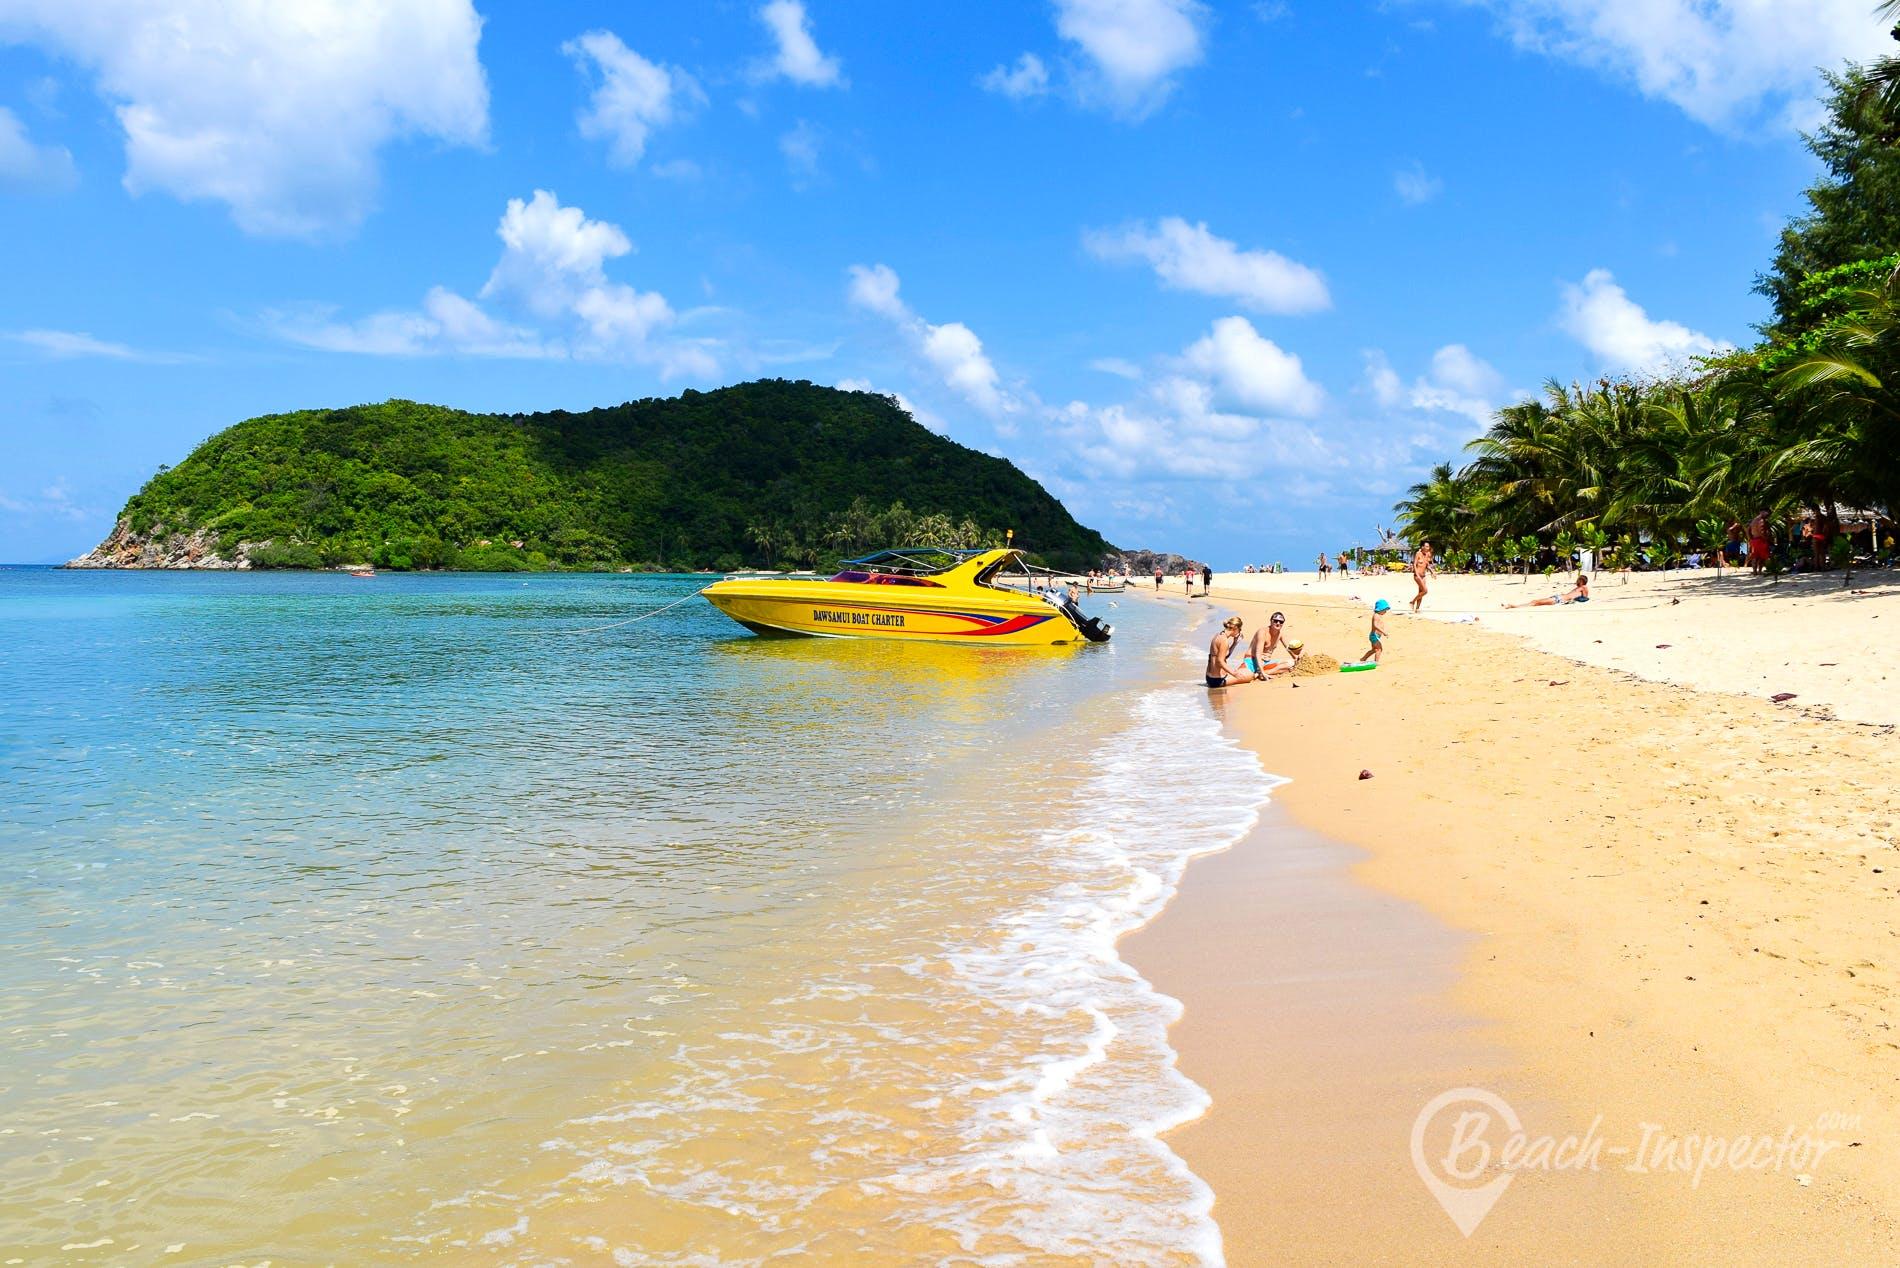 Beach Mae Haad Beach, Koh Phangan, Thailand